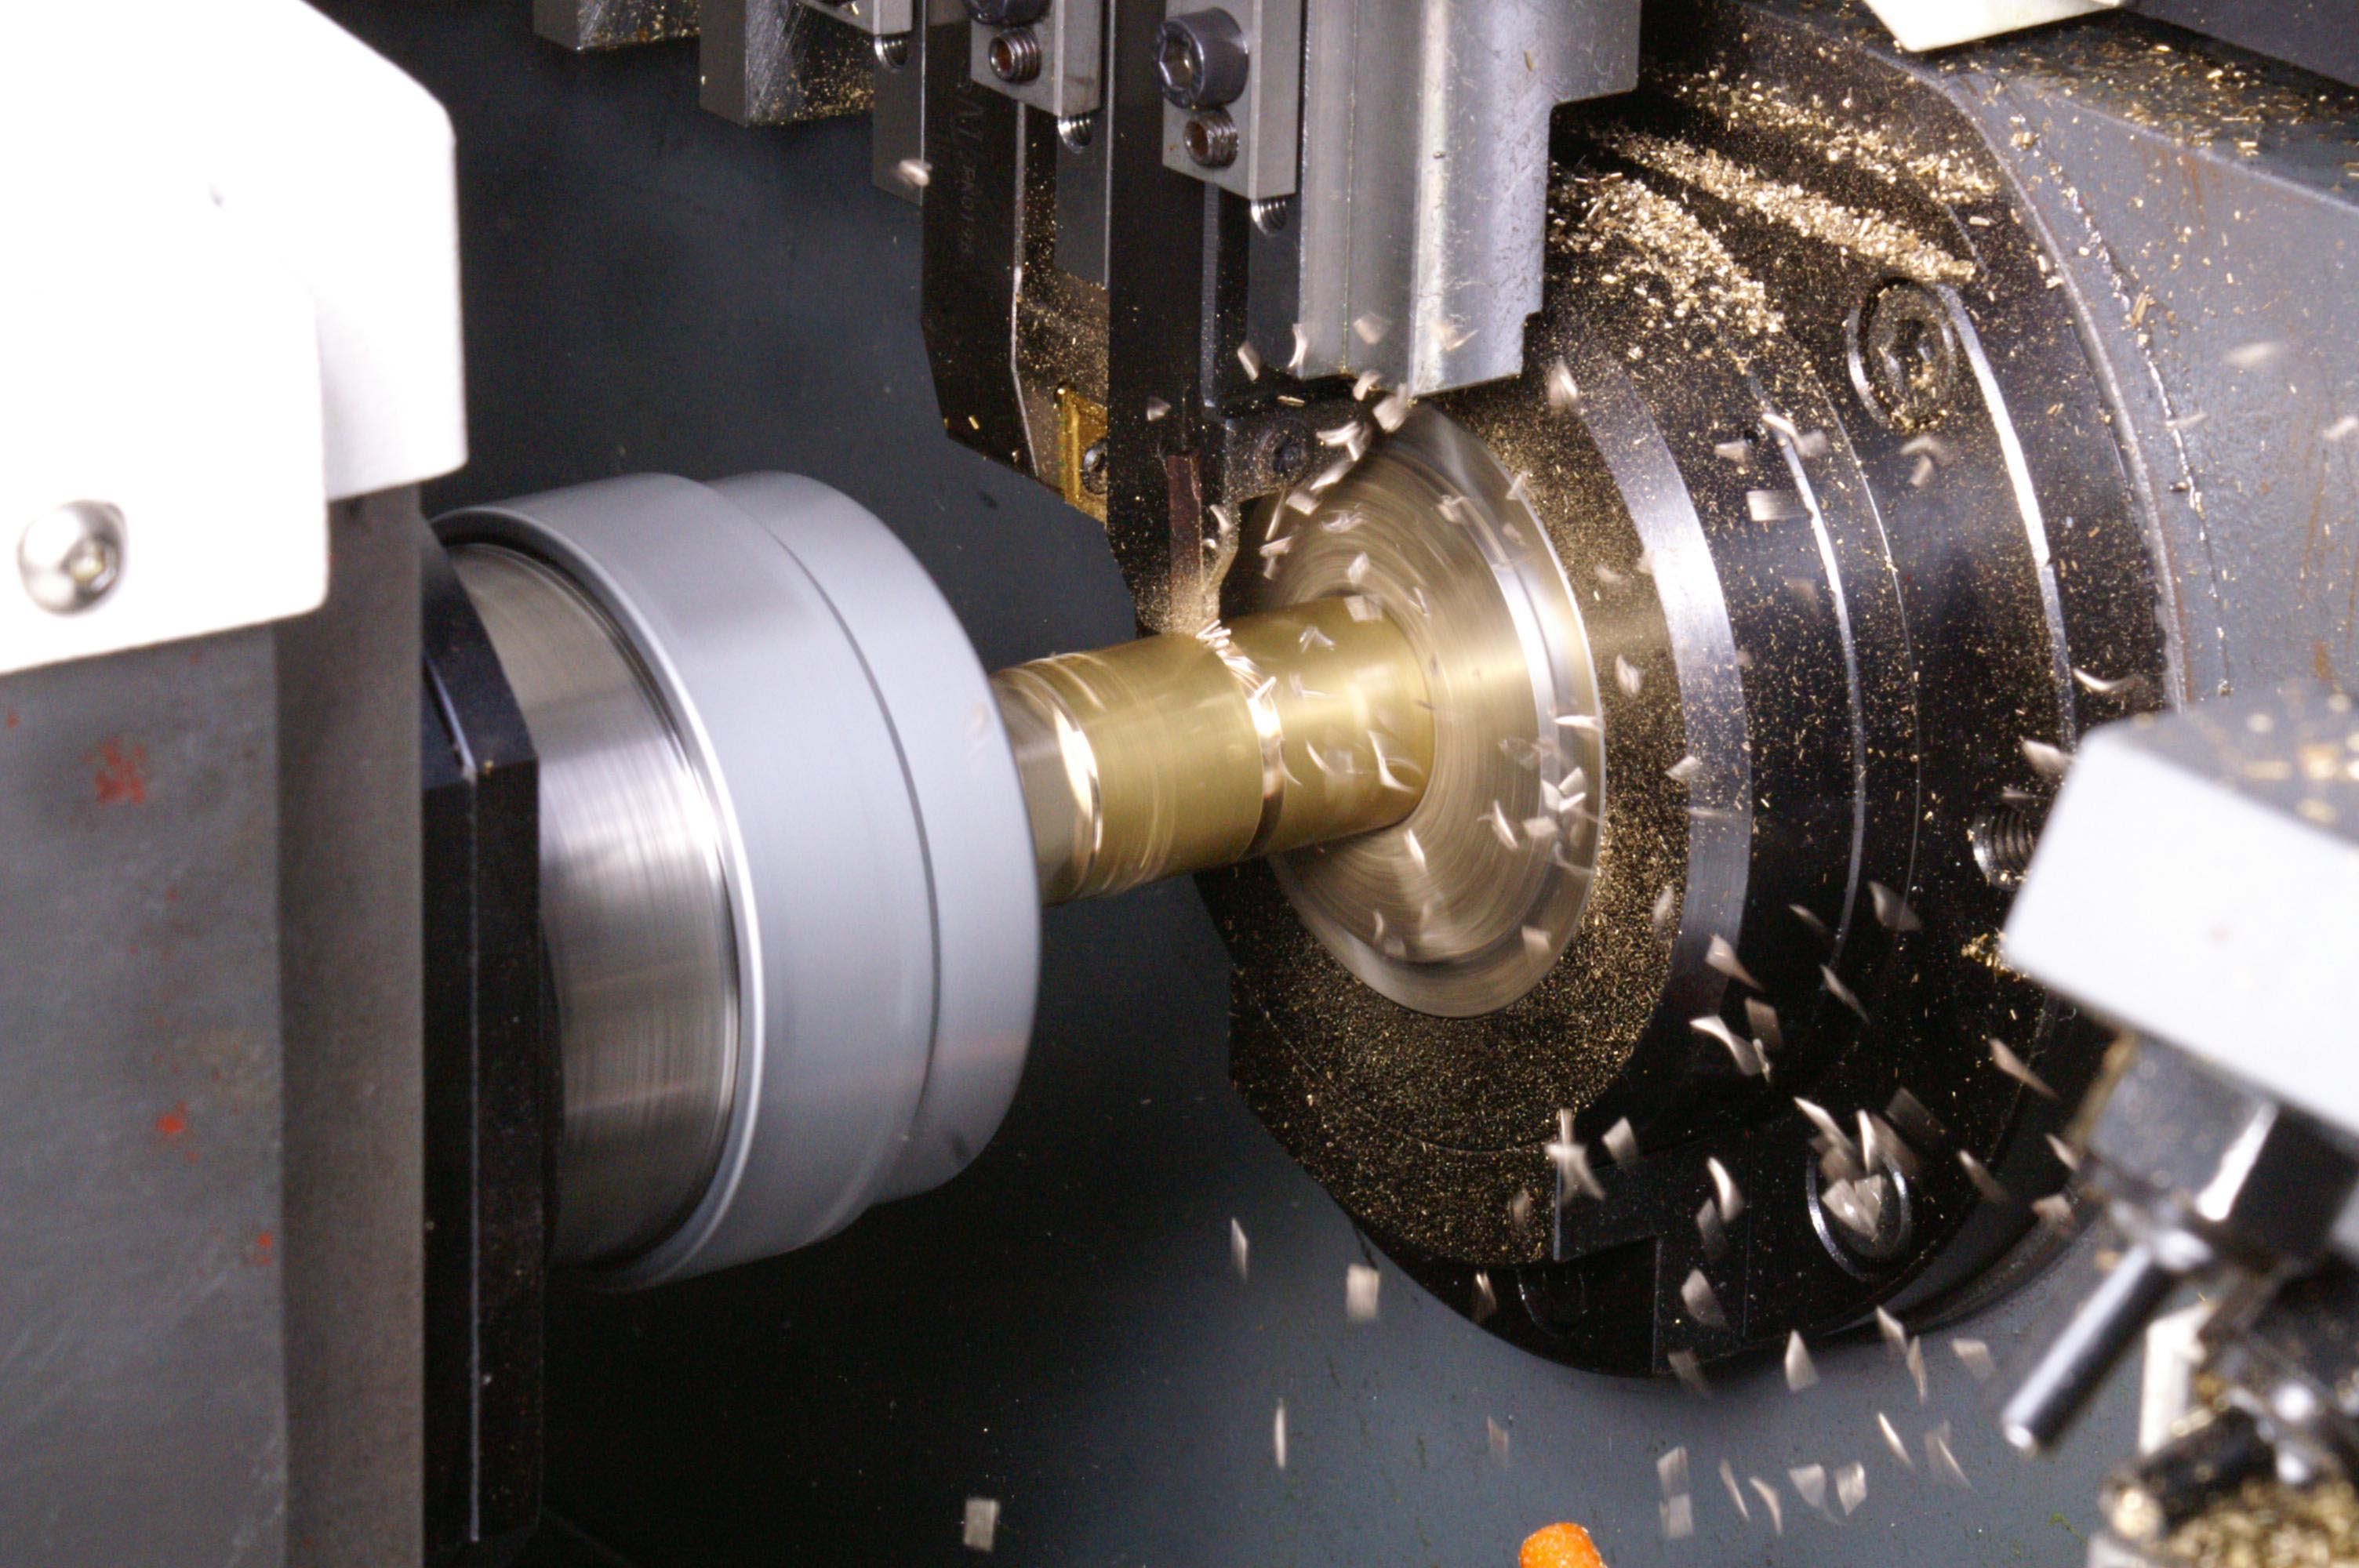 Токарная обработка титана, обработка титана, режимы обработки титана, режимы токарной обработки титана, выбор инструмента для токарной обработки титана, стратегии обработки титана. производительность обработки титана. | проектная компания высь